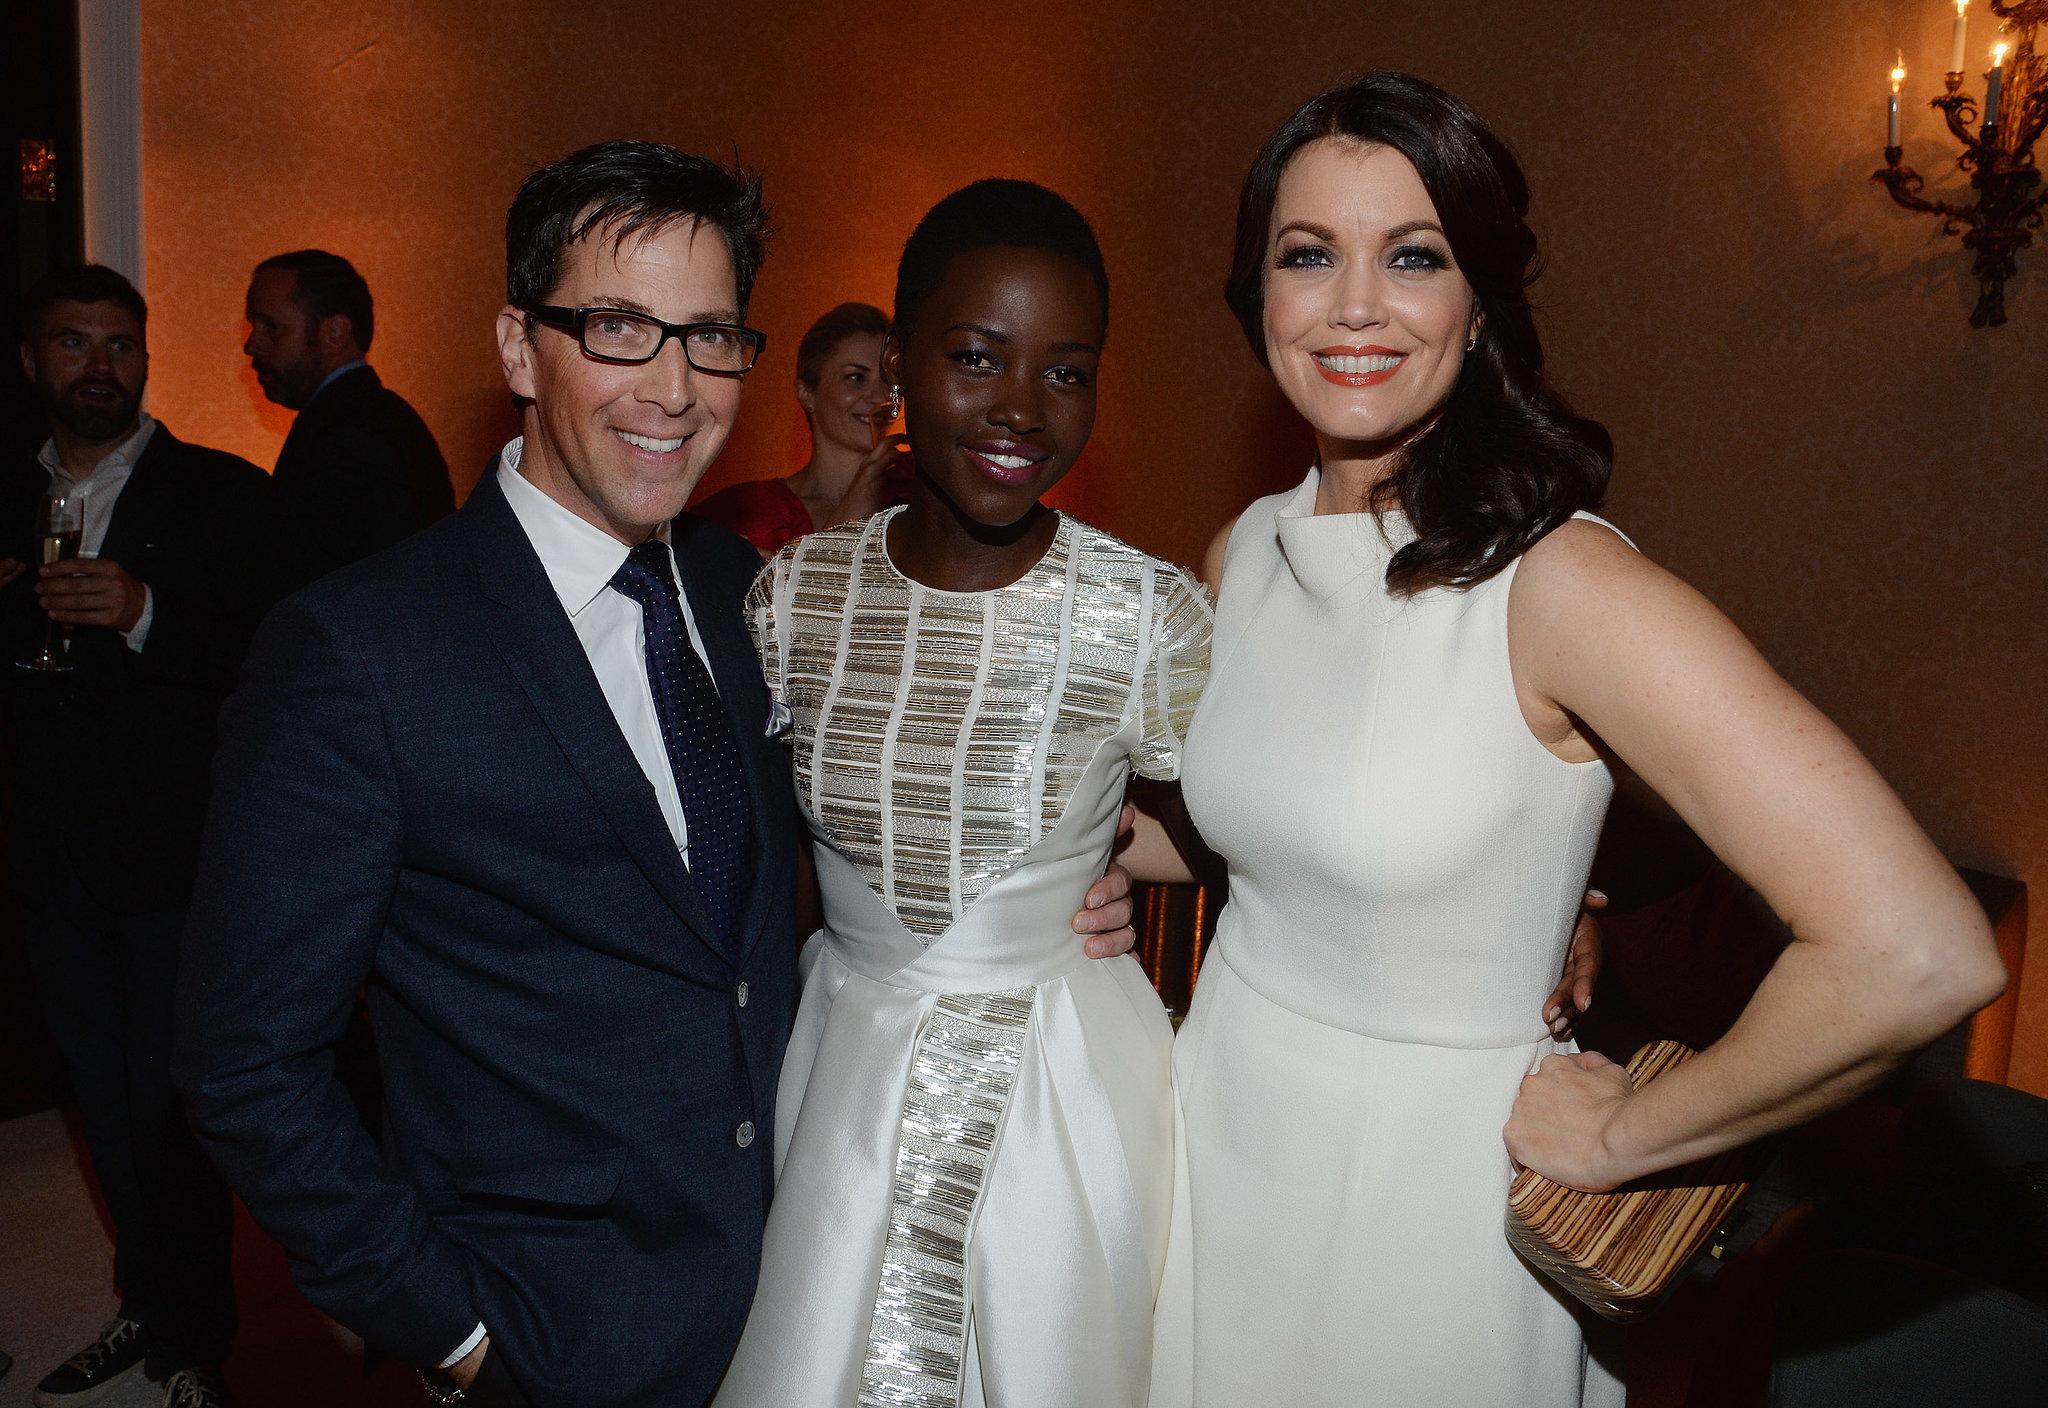 Hollywood Kicks Off a Big Weekend in Washington